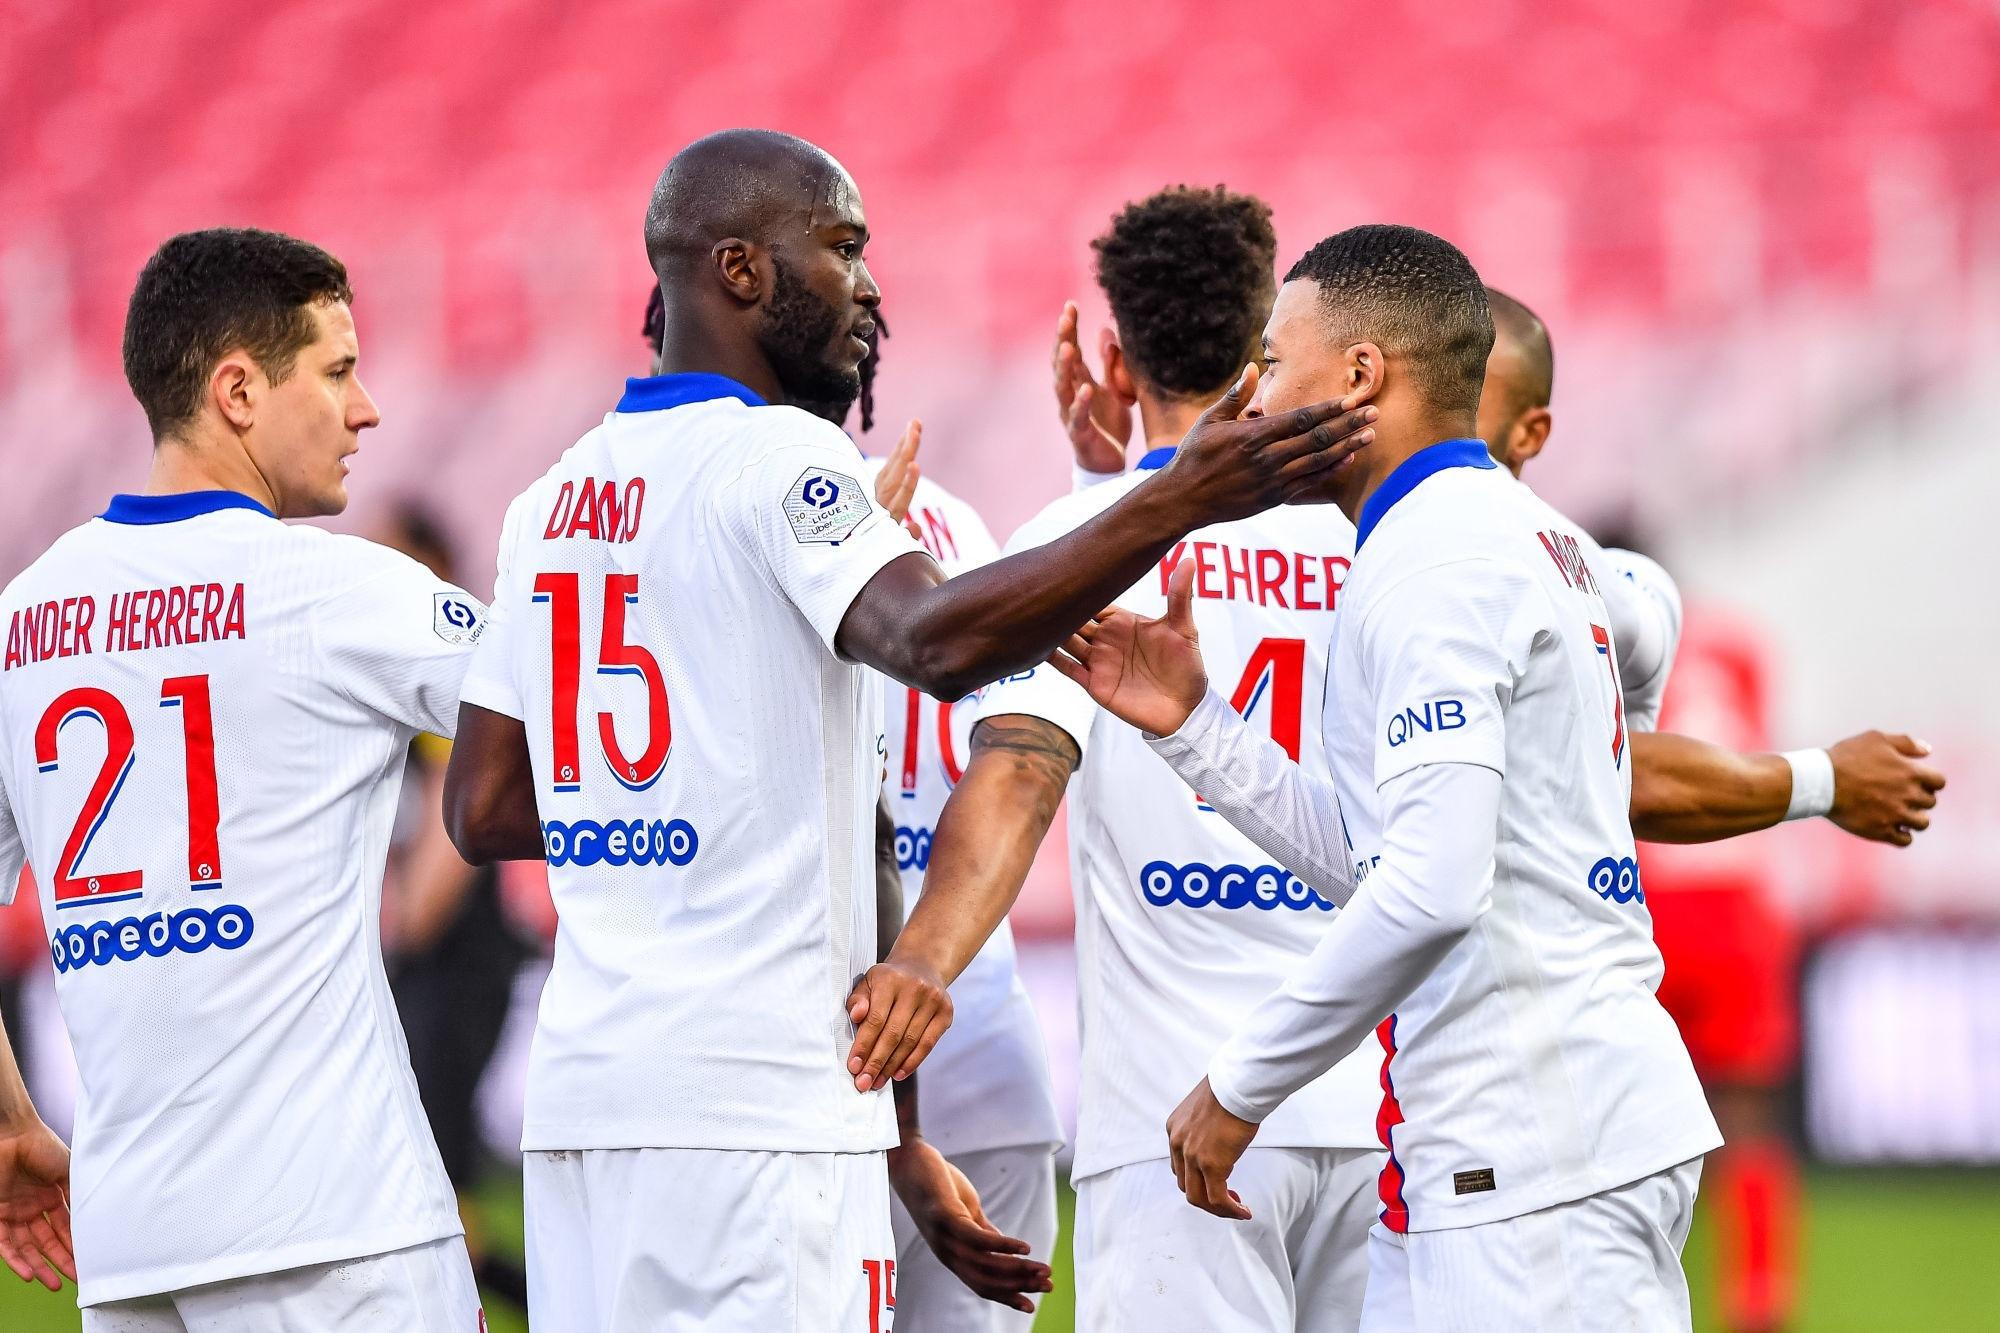 Dijon/PSG - Revivez la victoire parisienne au plus près des joueurs